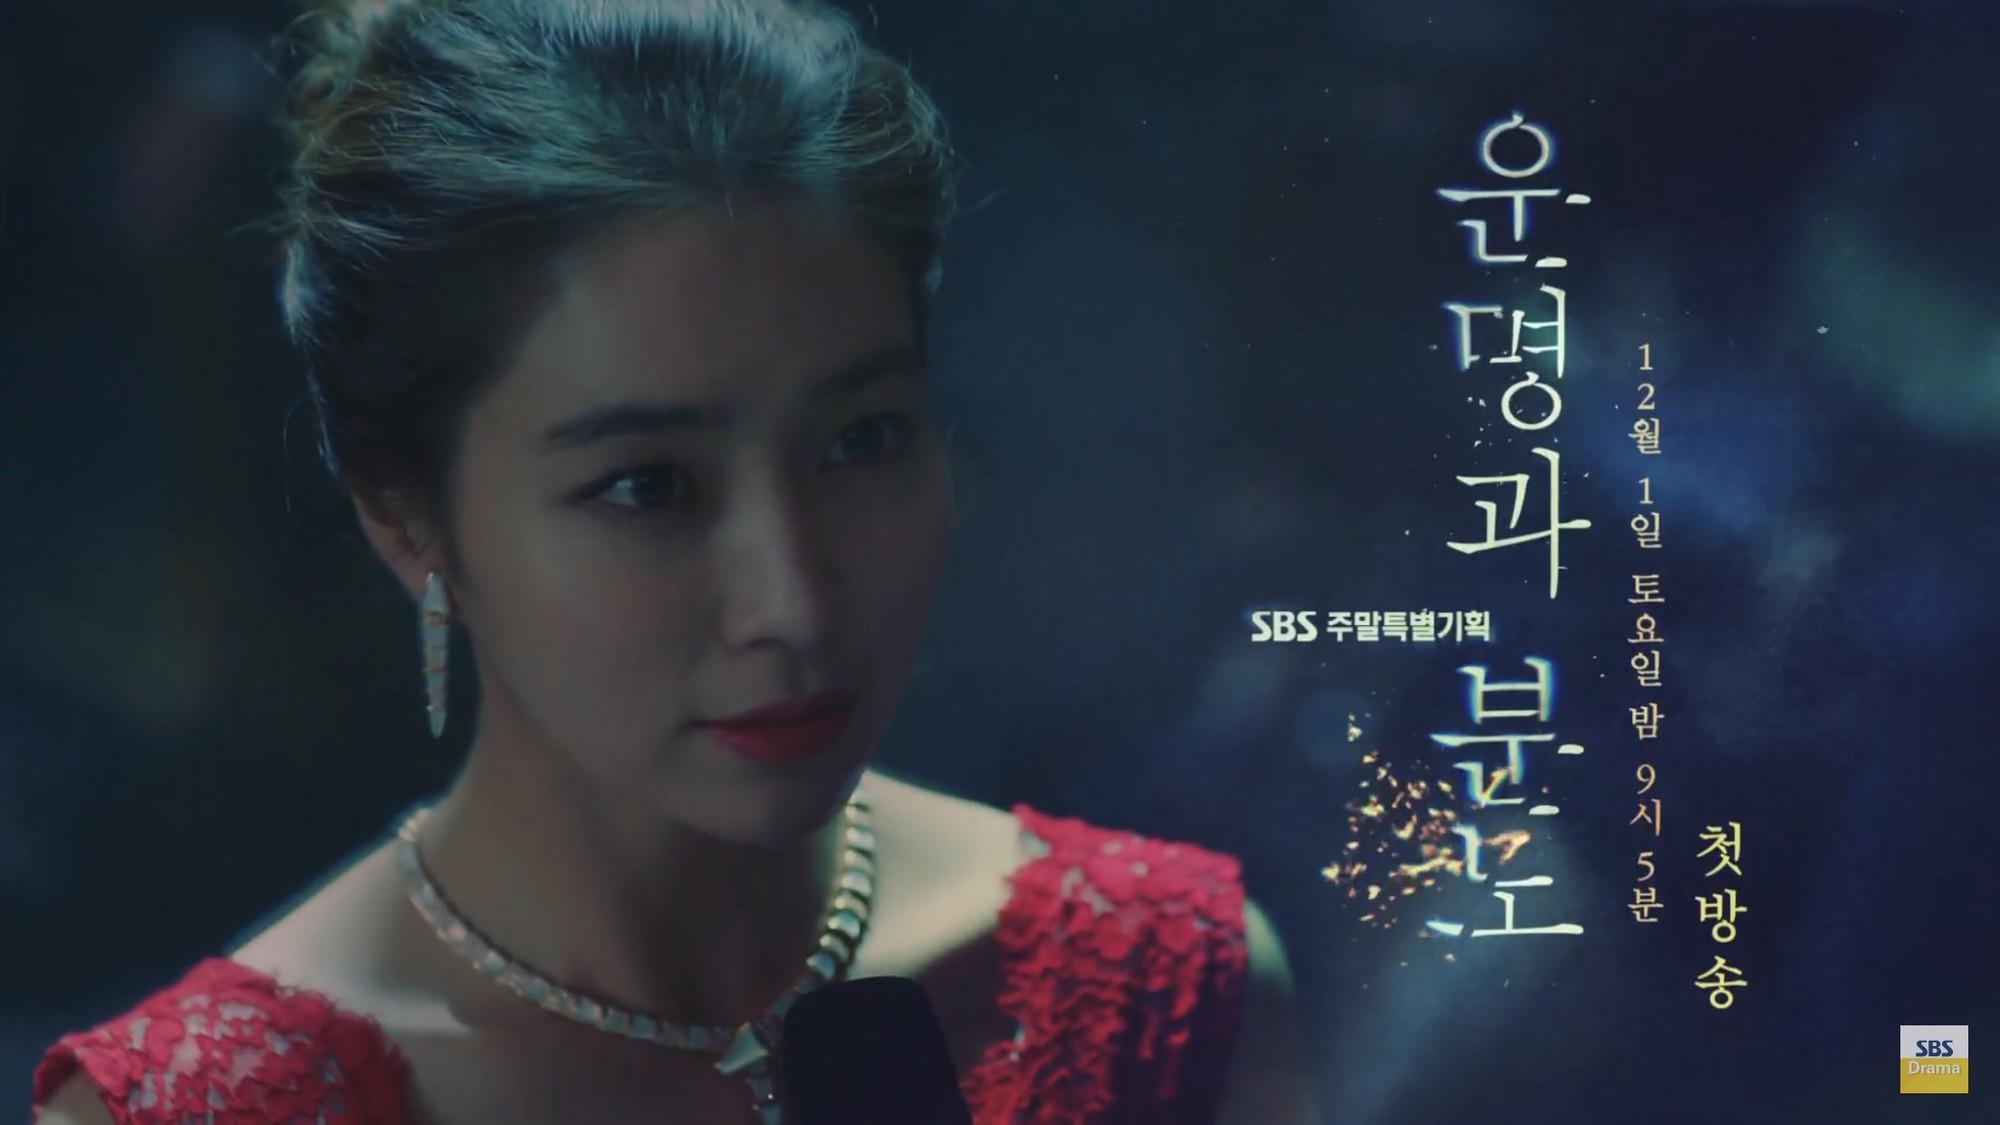 Thêm một phim Hàn xịn sắp lên sóng đường đua truyền hình cuối năm: Fate and Furies! - Hình 7